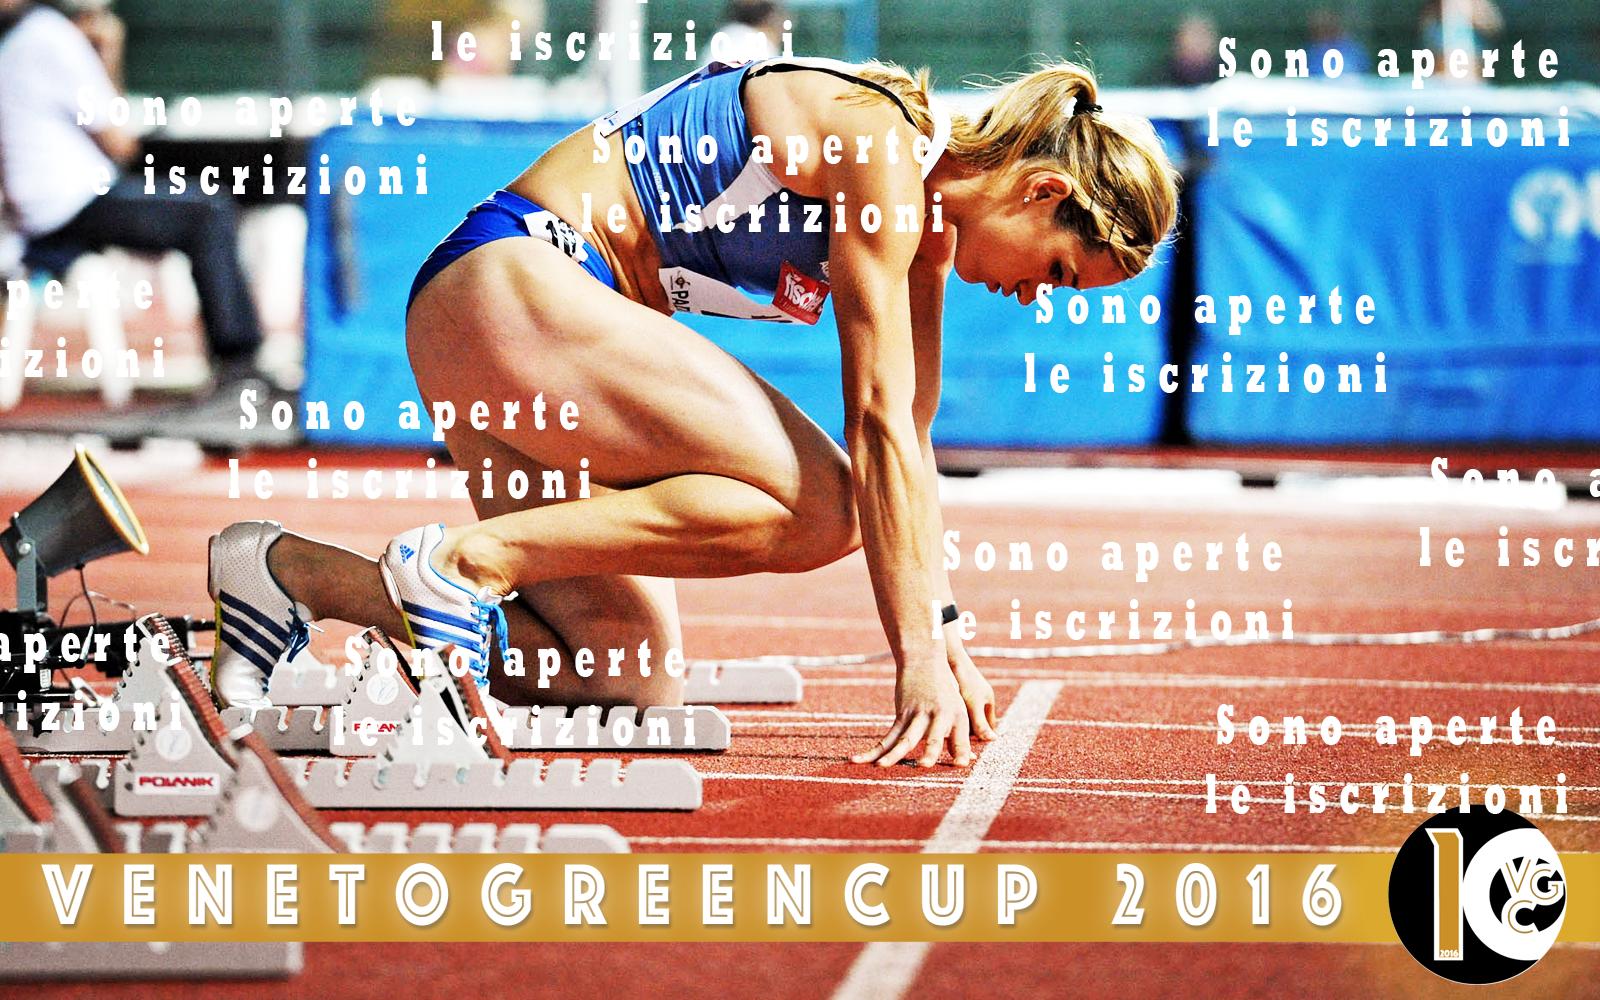 Sono ufficialmente aperte le iscrizioni alla Venetogreencup 2016!